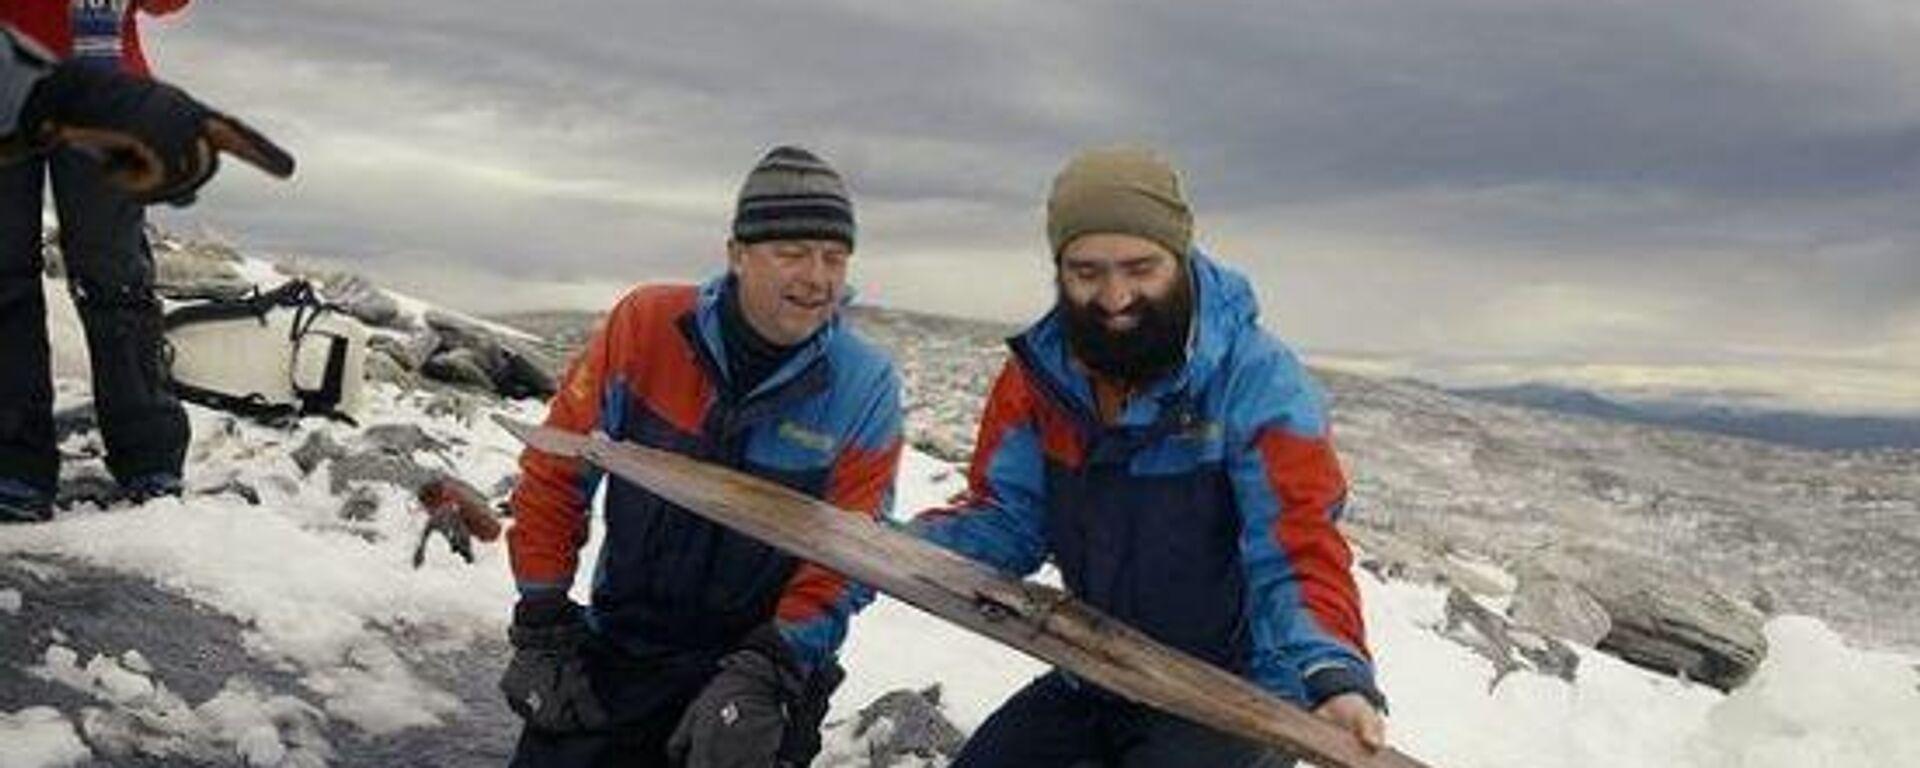 Αρχαιολόγοι εντόπισαν πέδιλα σκι ηλικίας… 1.300 ετών - Sputnik Ελλάδα, 1920, 06.10.2021